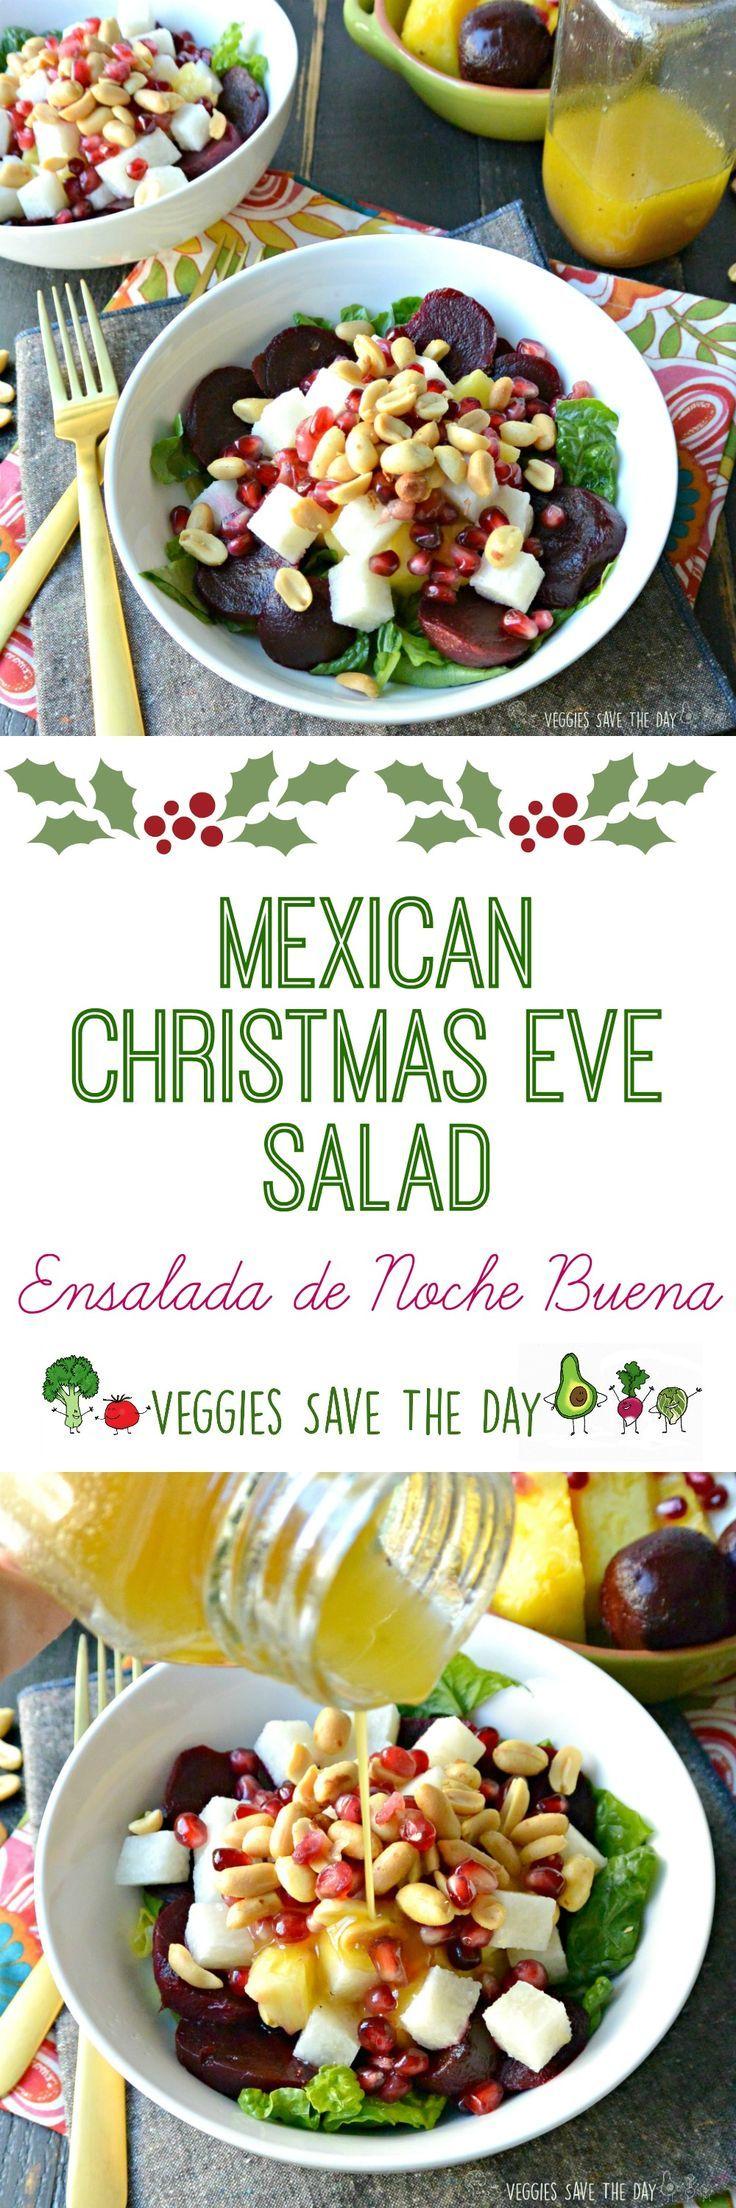 Christmas Eve Food In Spain: Mexican Christmas Eve Salad (Ensalada De Noche Buena